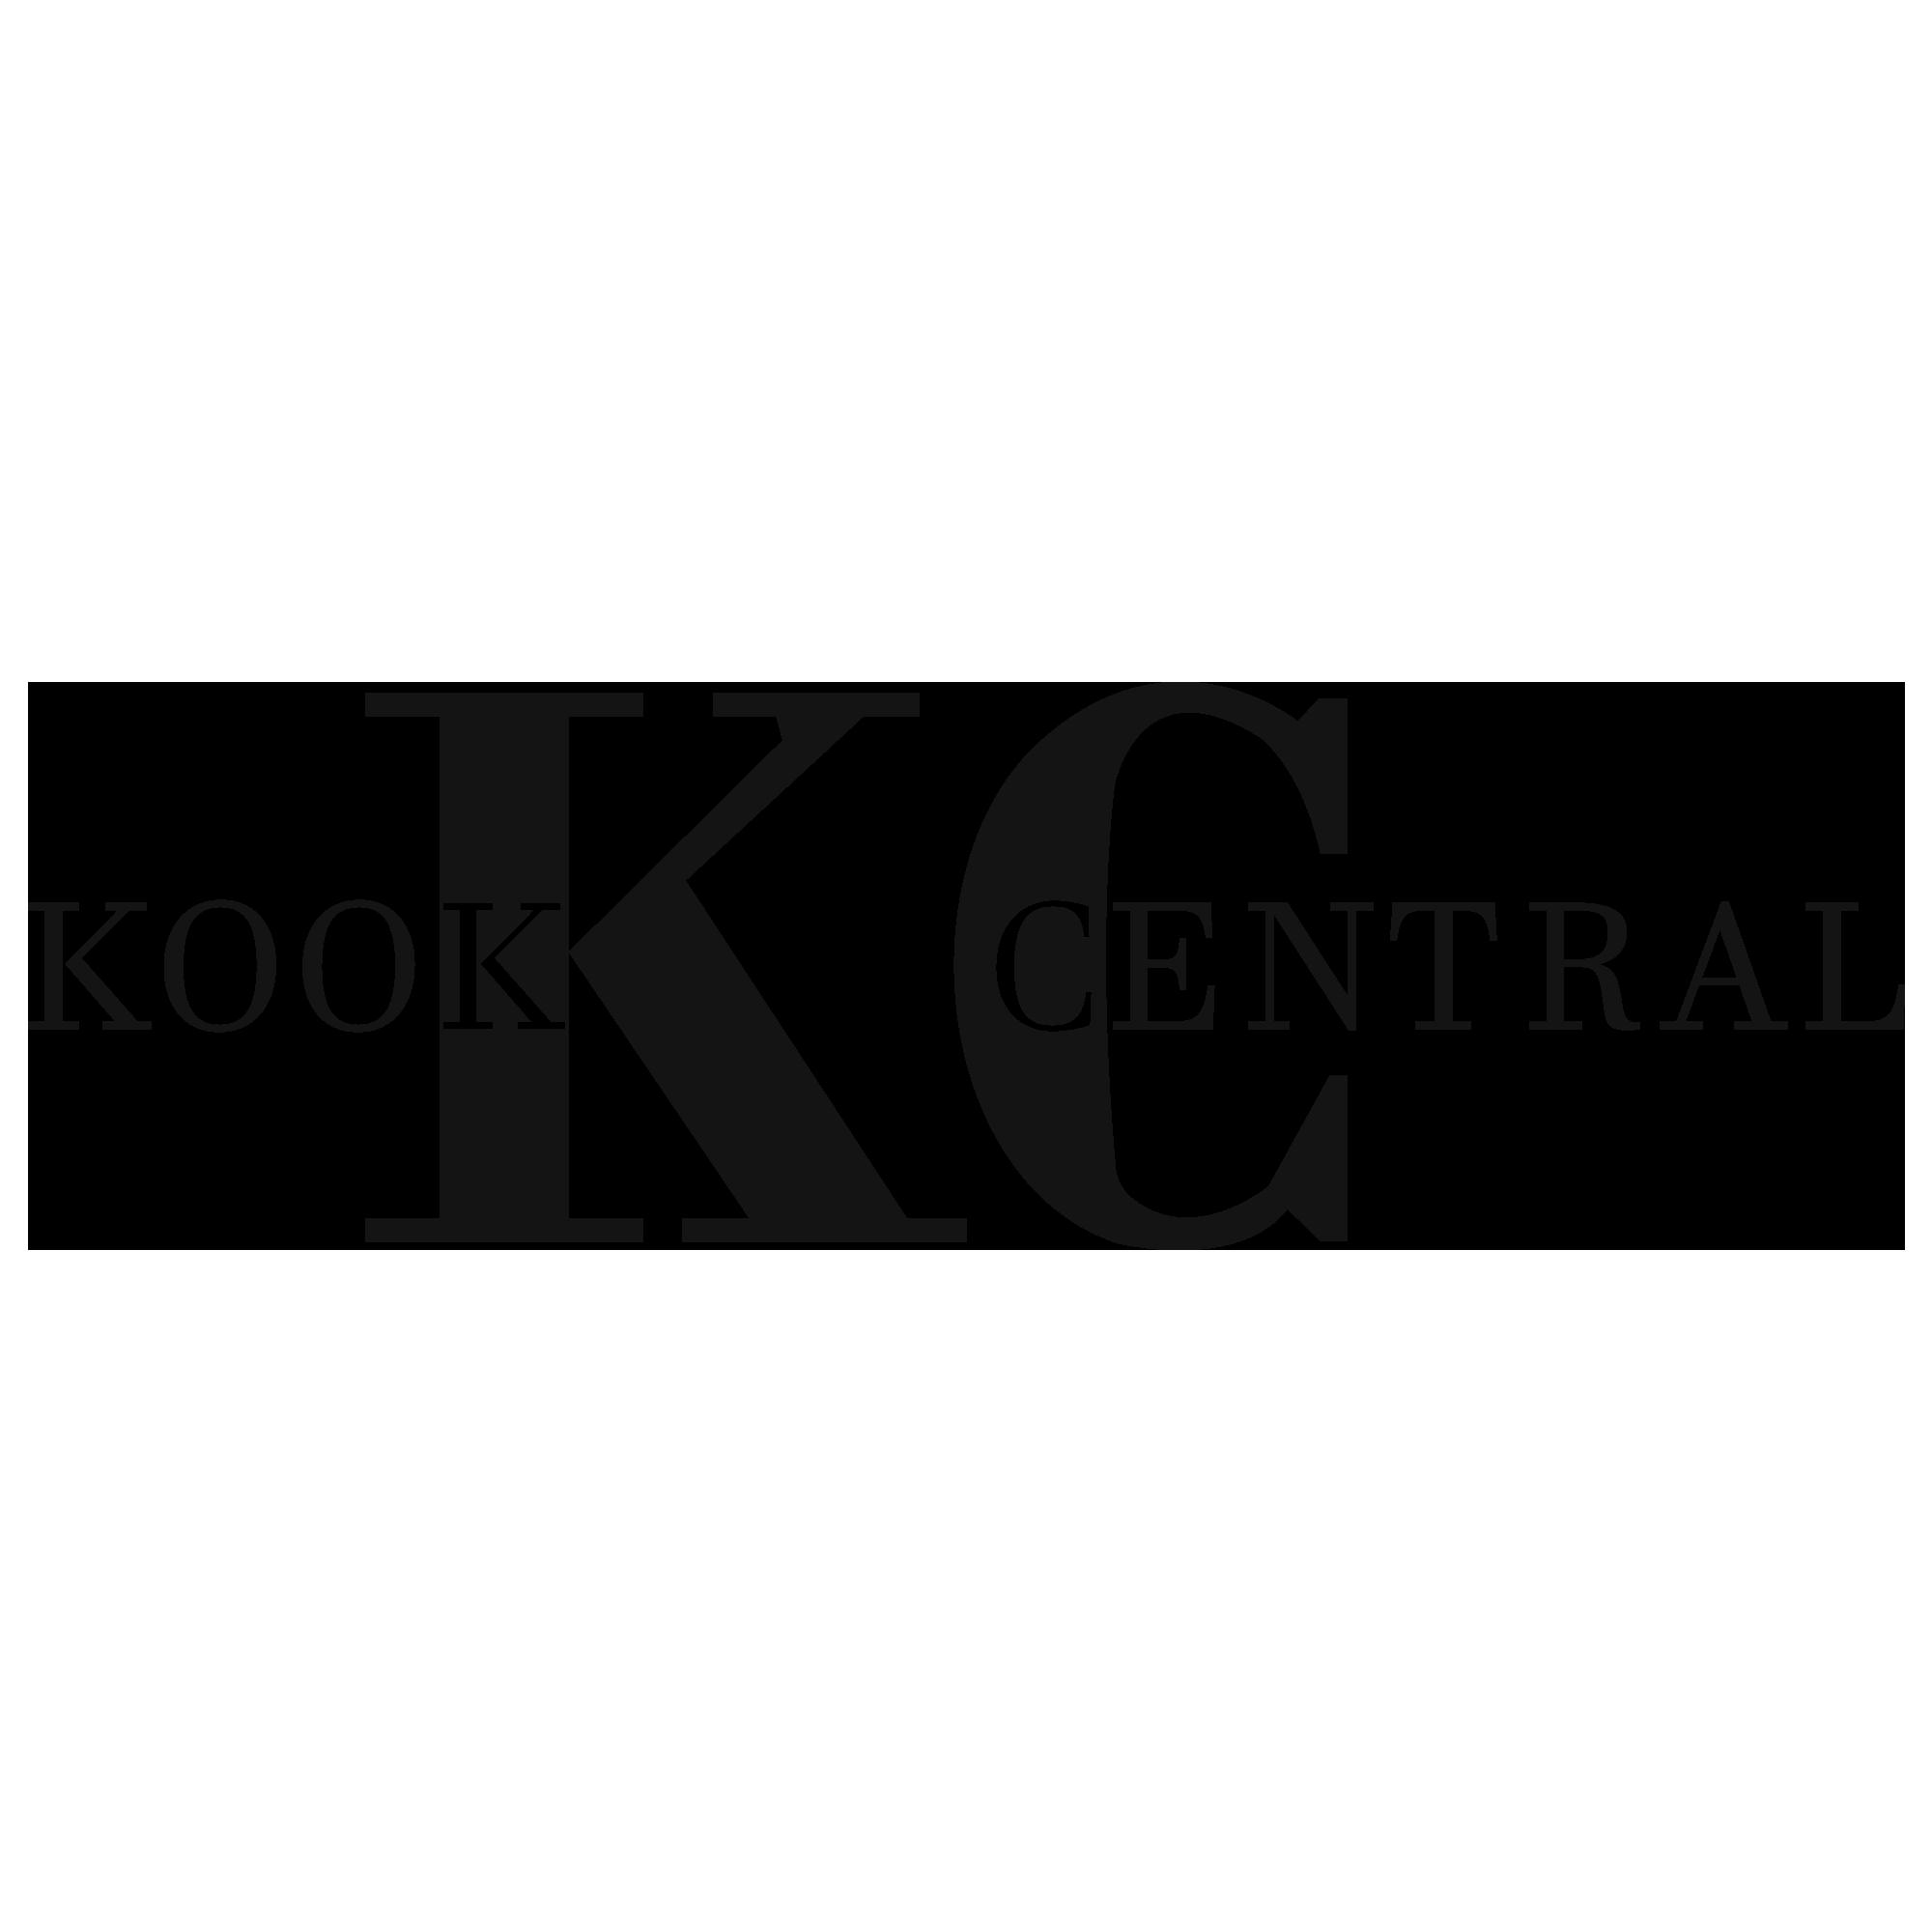 Kook Central